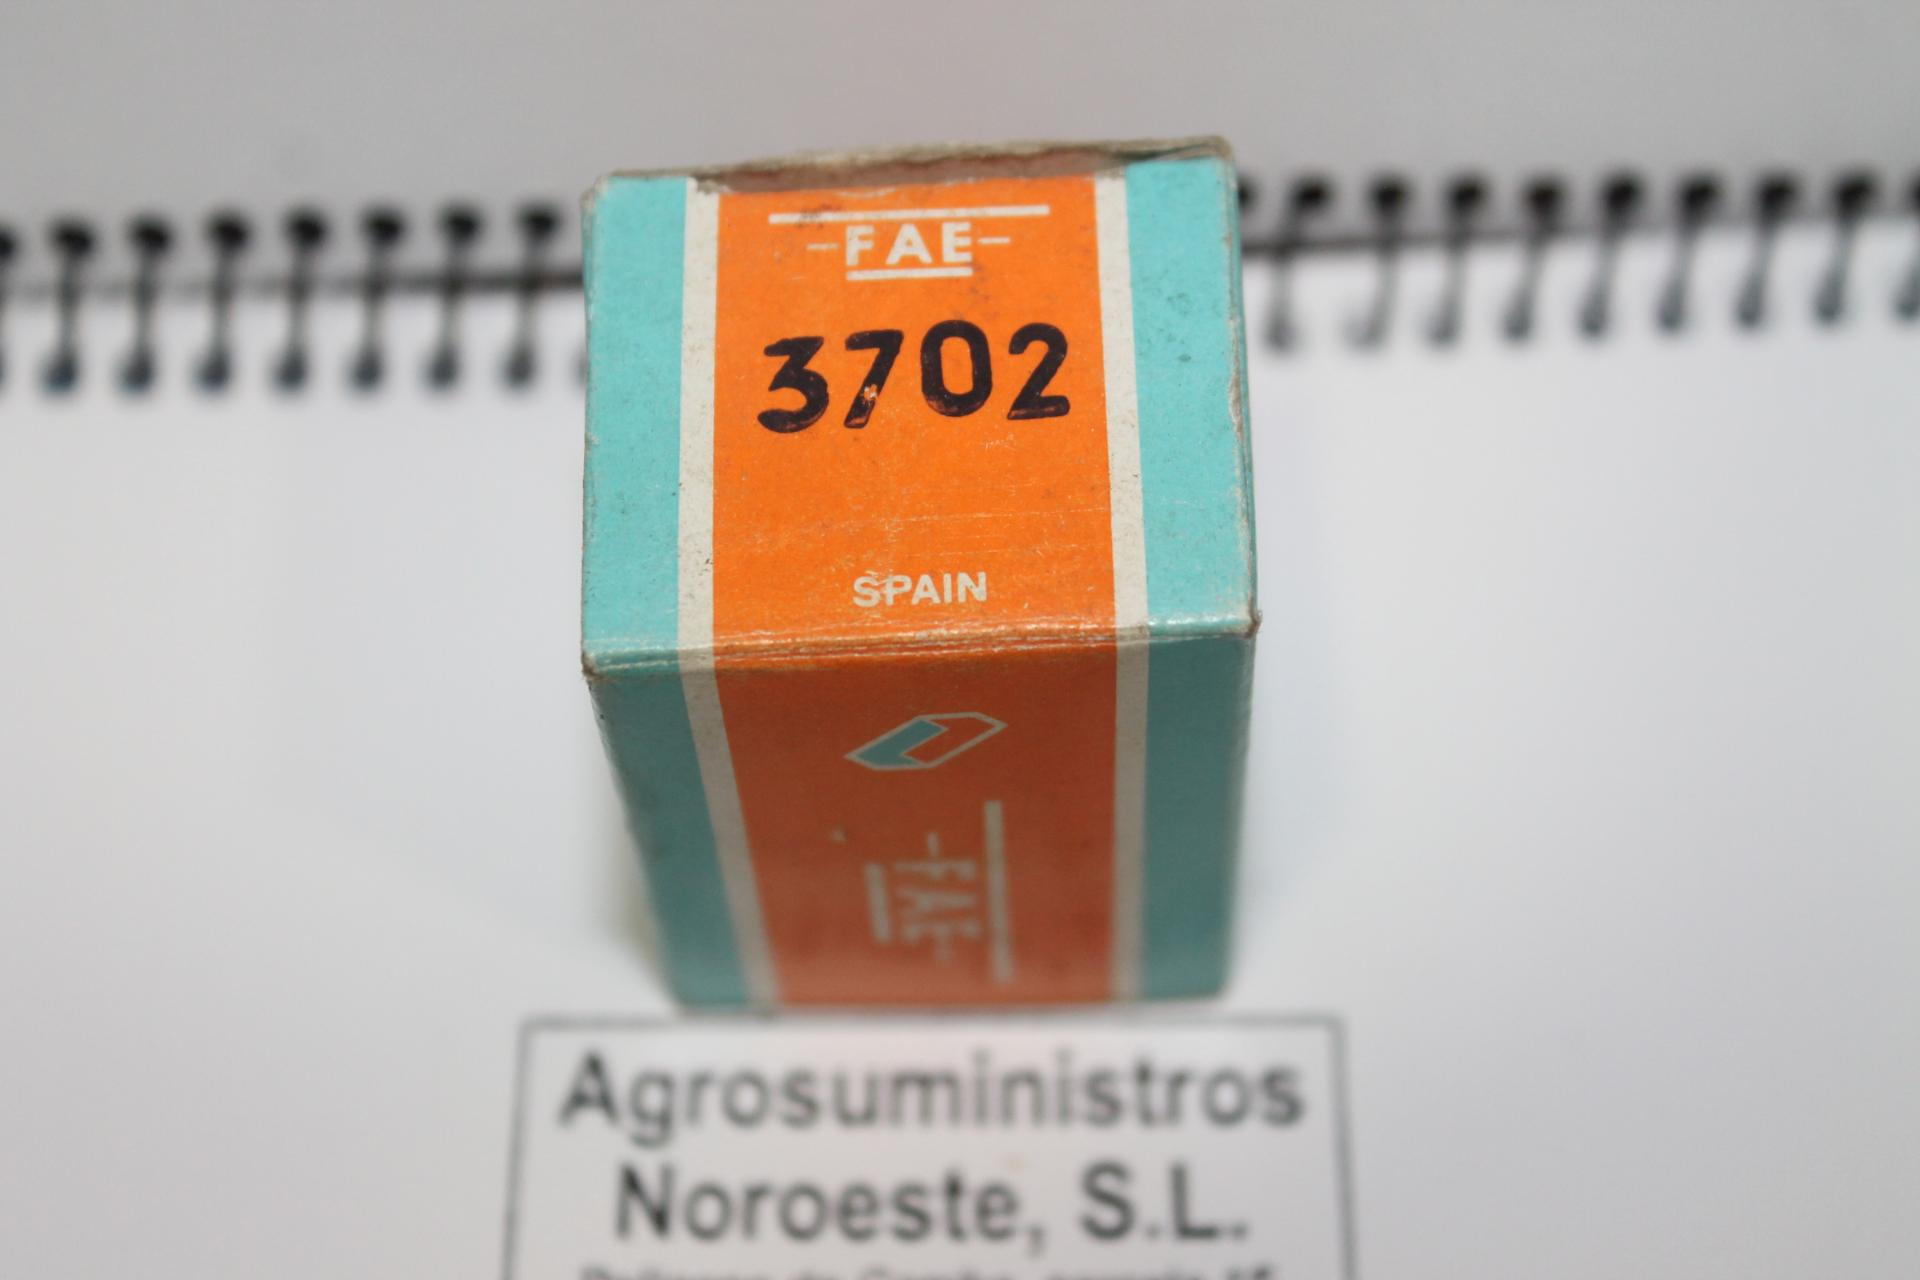 Termo-ventilador FAE 3702